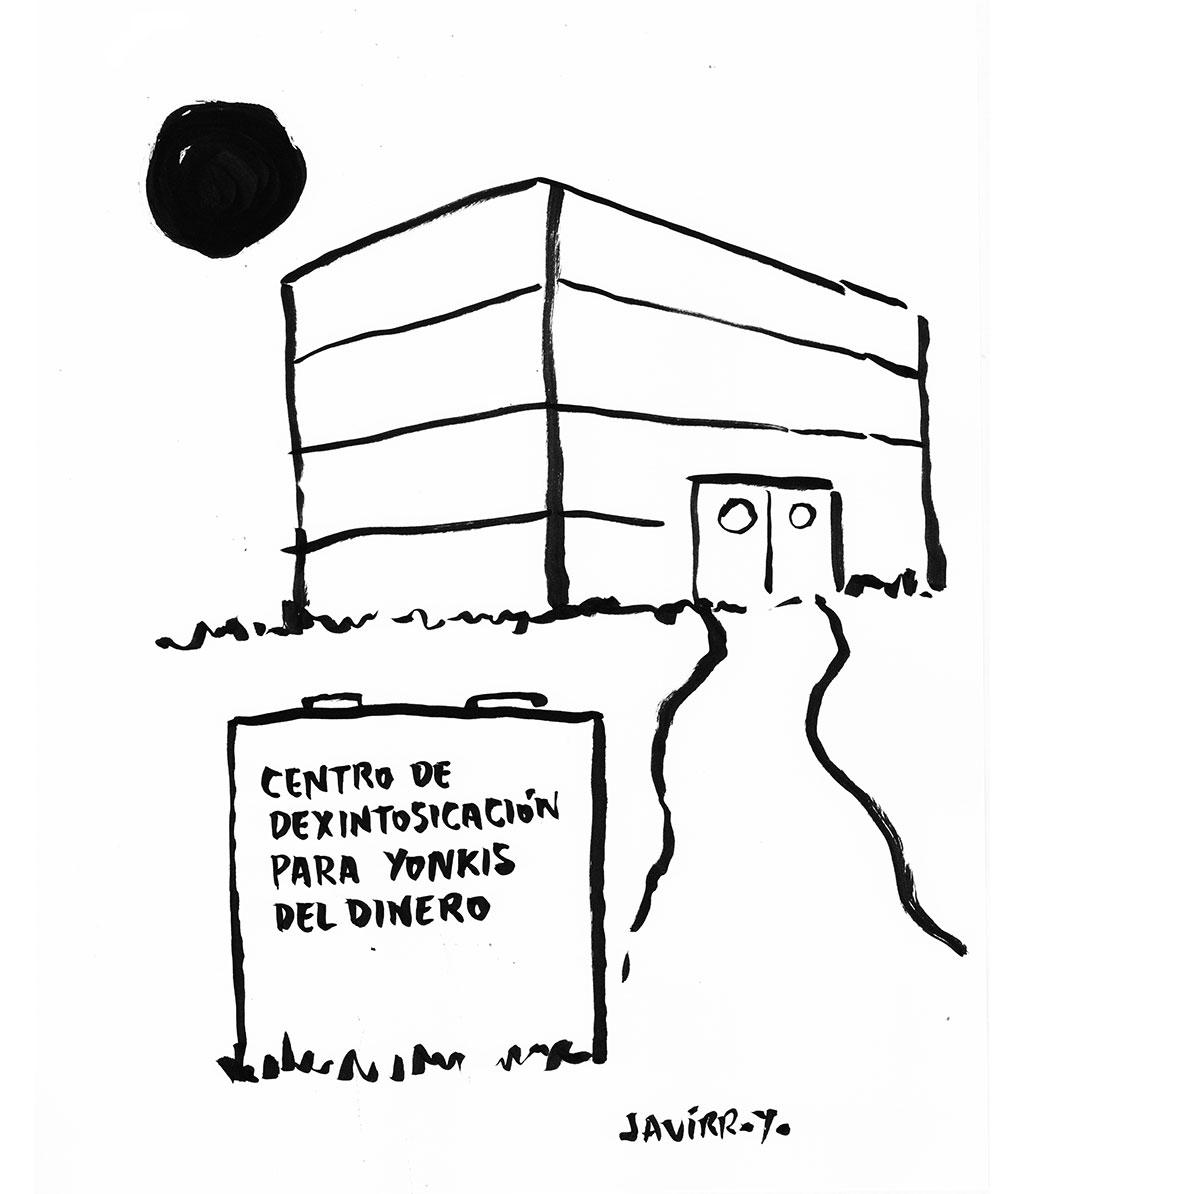 centro-de-desintoxicacion-de-yonkis